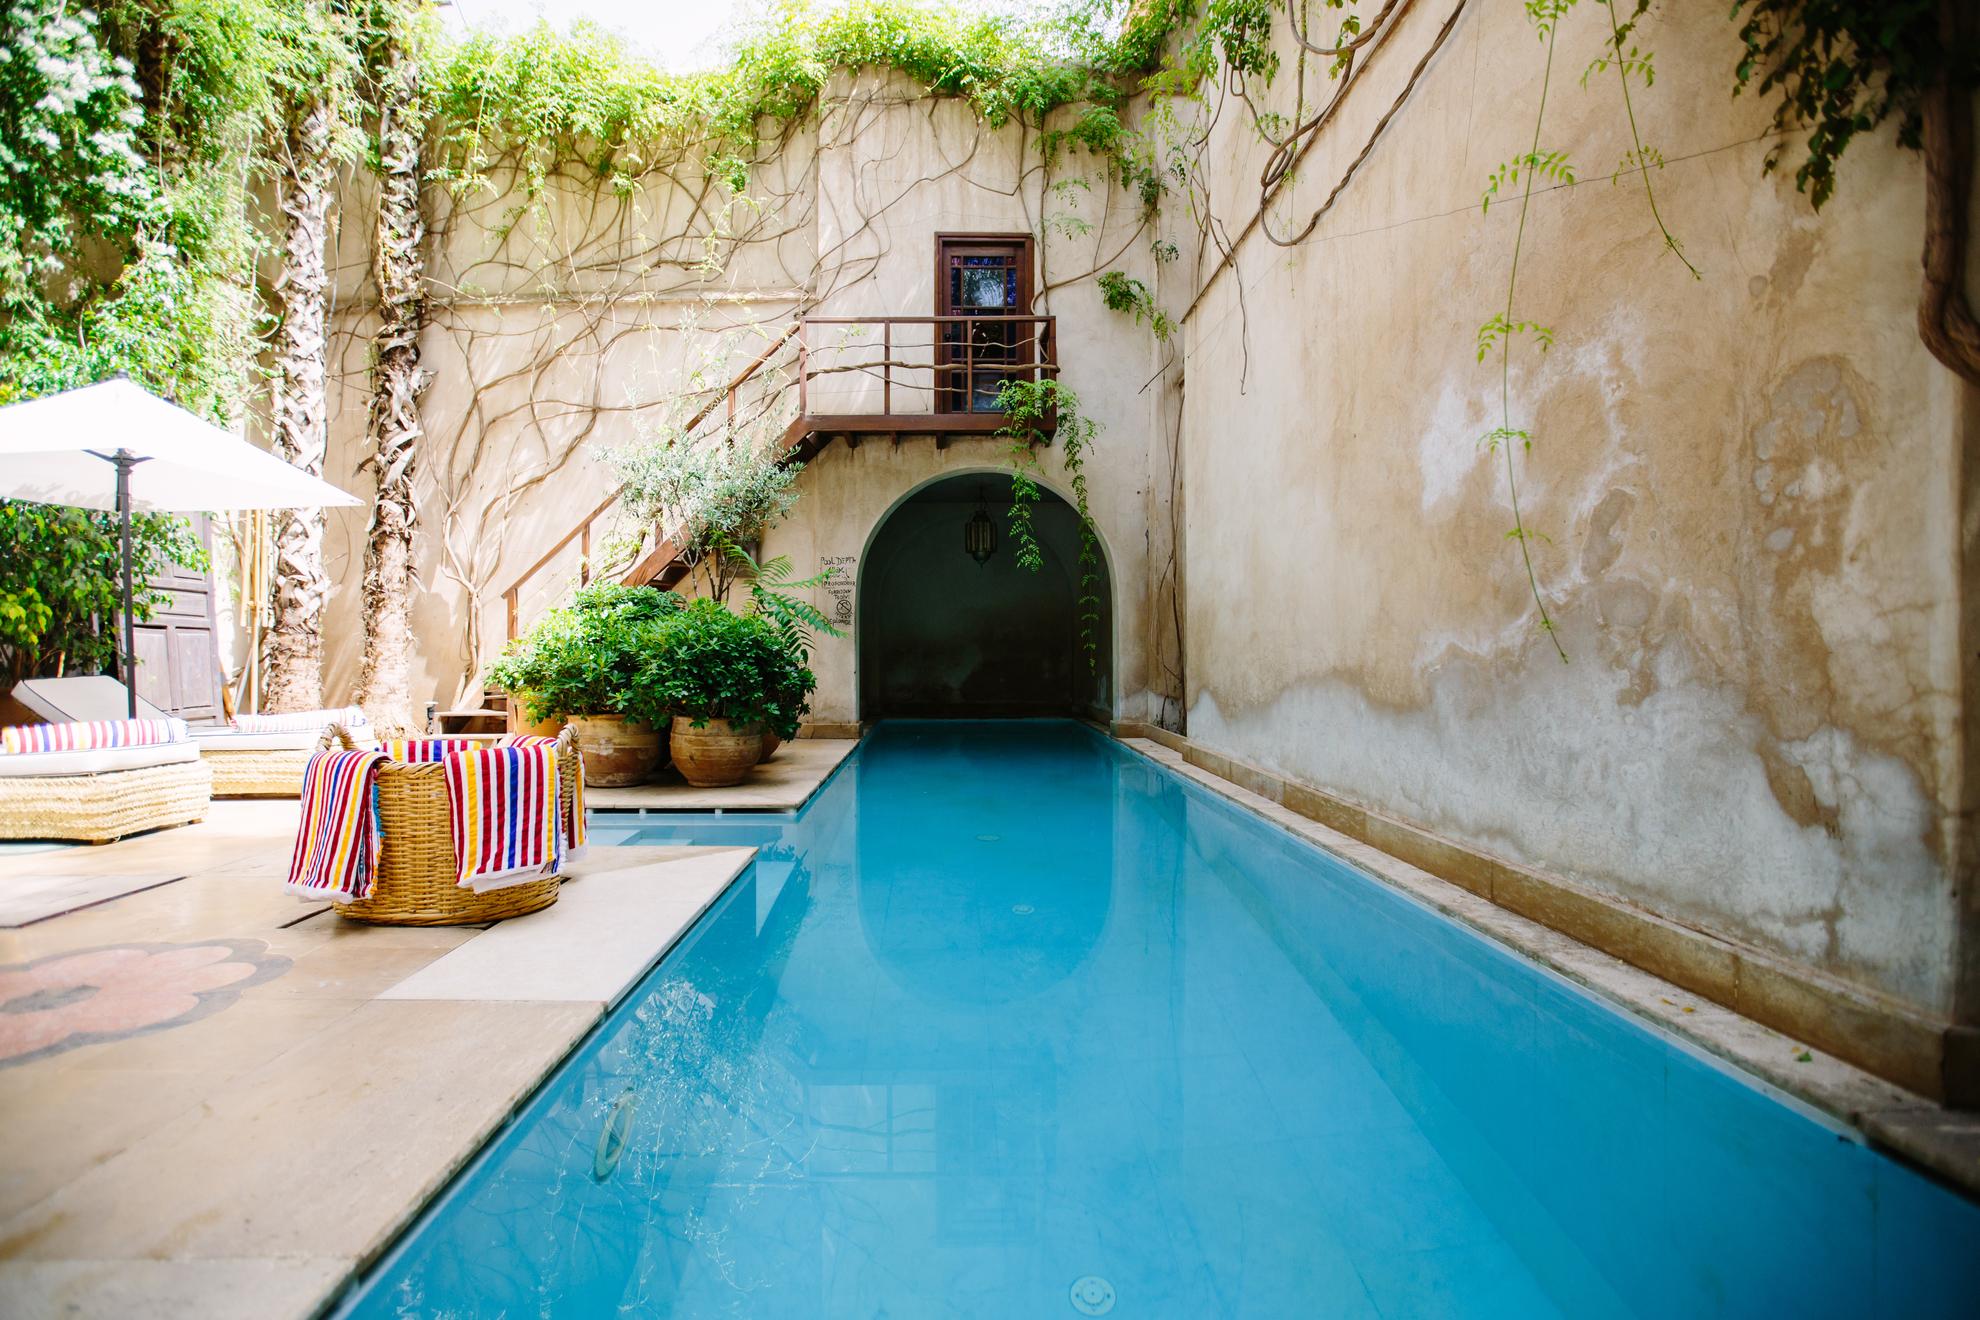 Luxury Backyard Photo